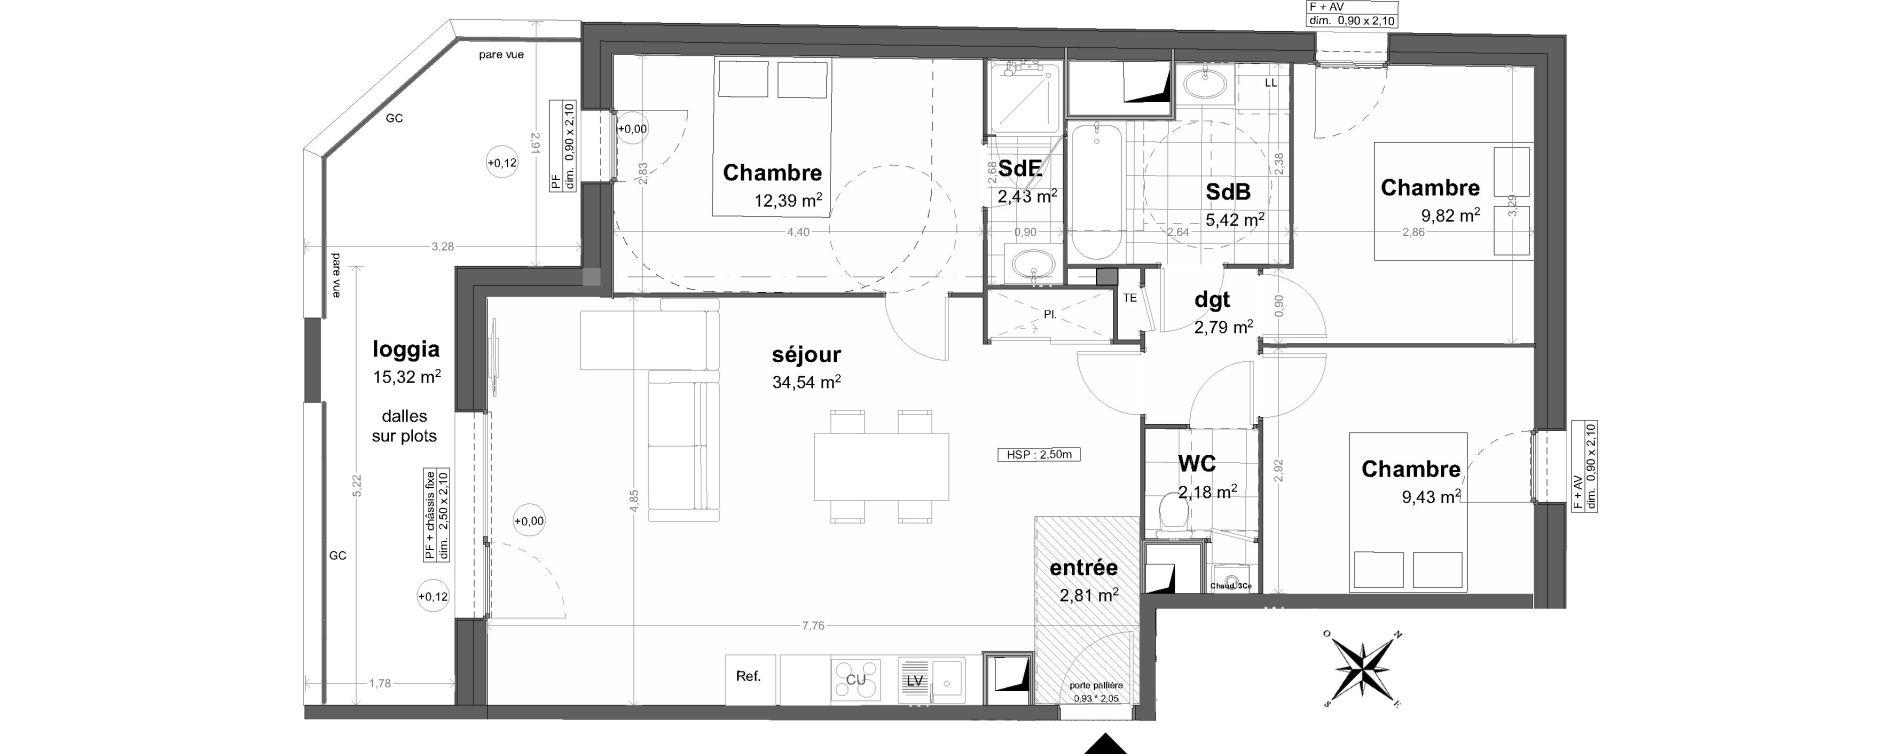 Appartement T4 de 81,81 m2 à Saint-Malo Saint-servan - solidor